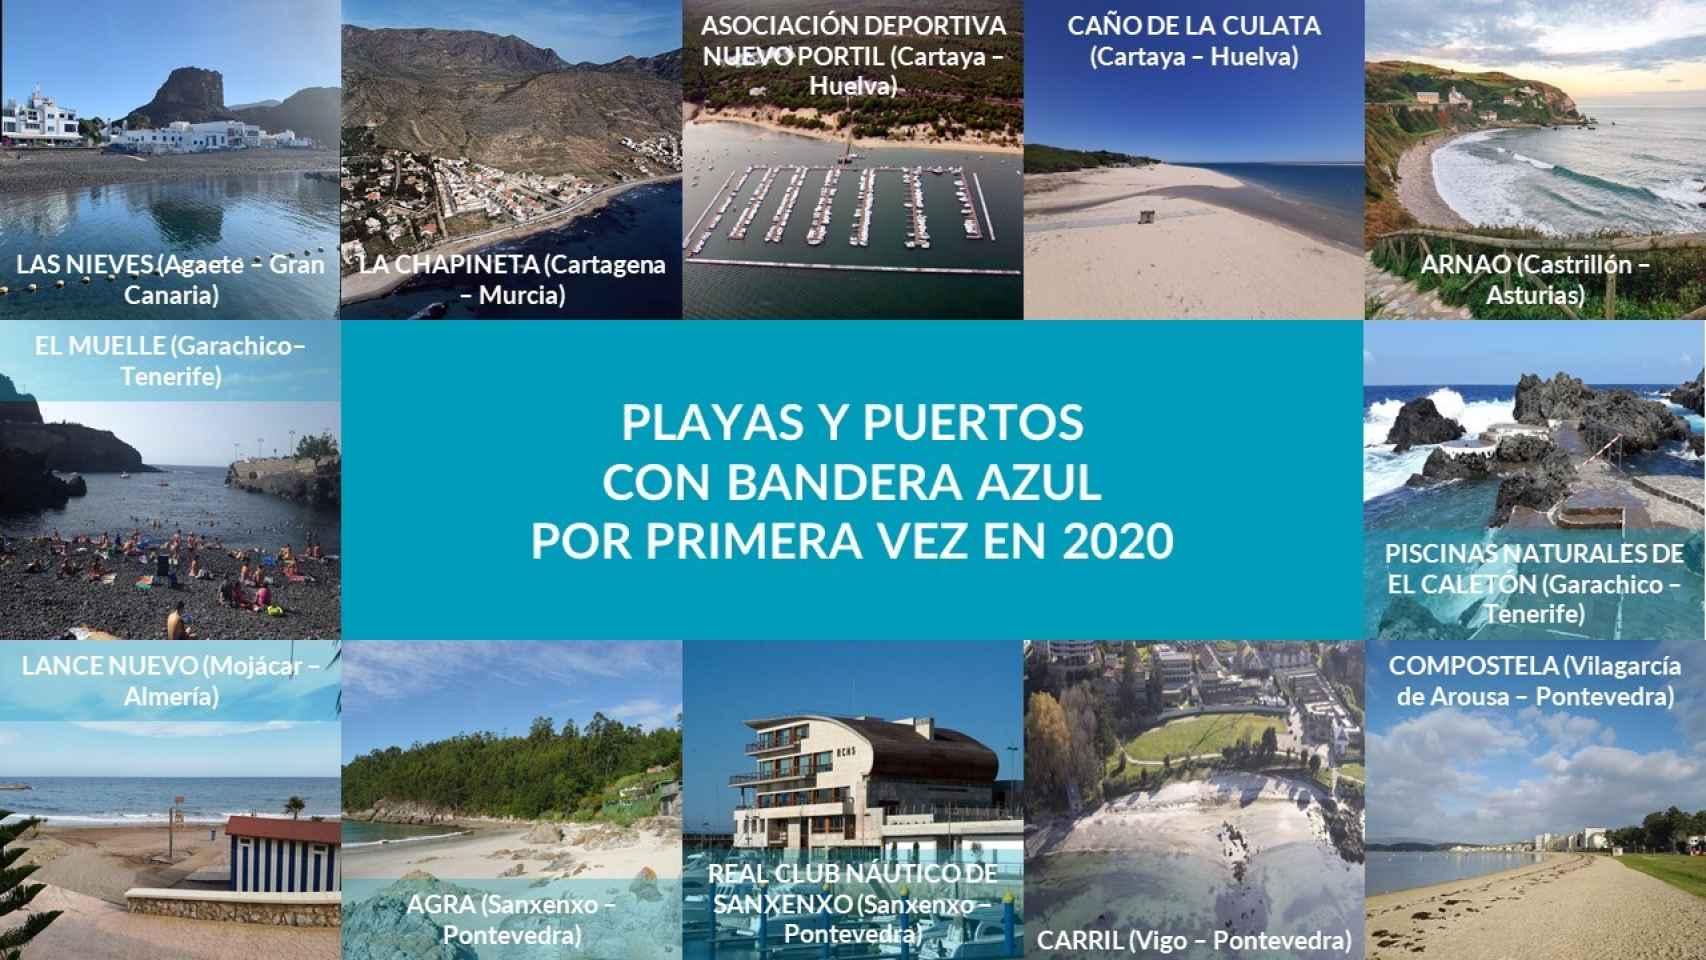 Playas y puertos con bandera azul por primera vez este 2020.